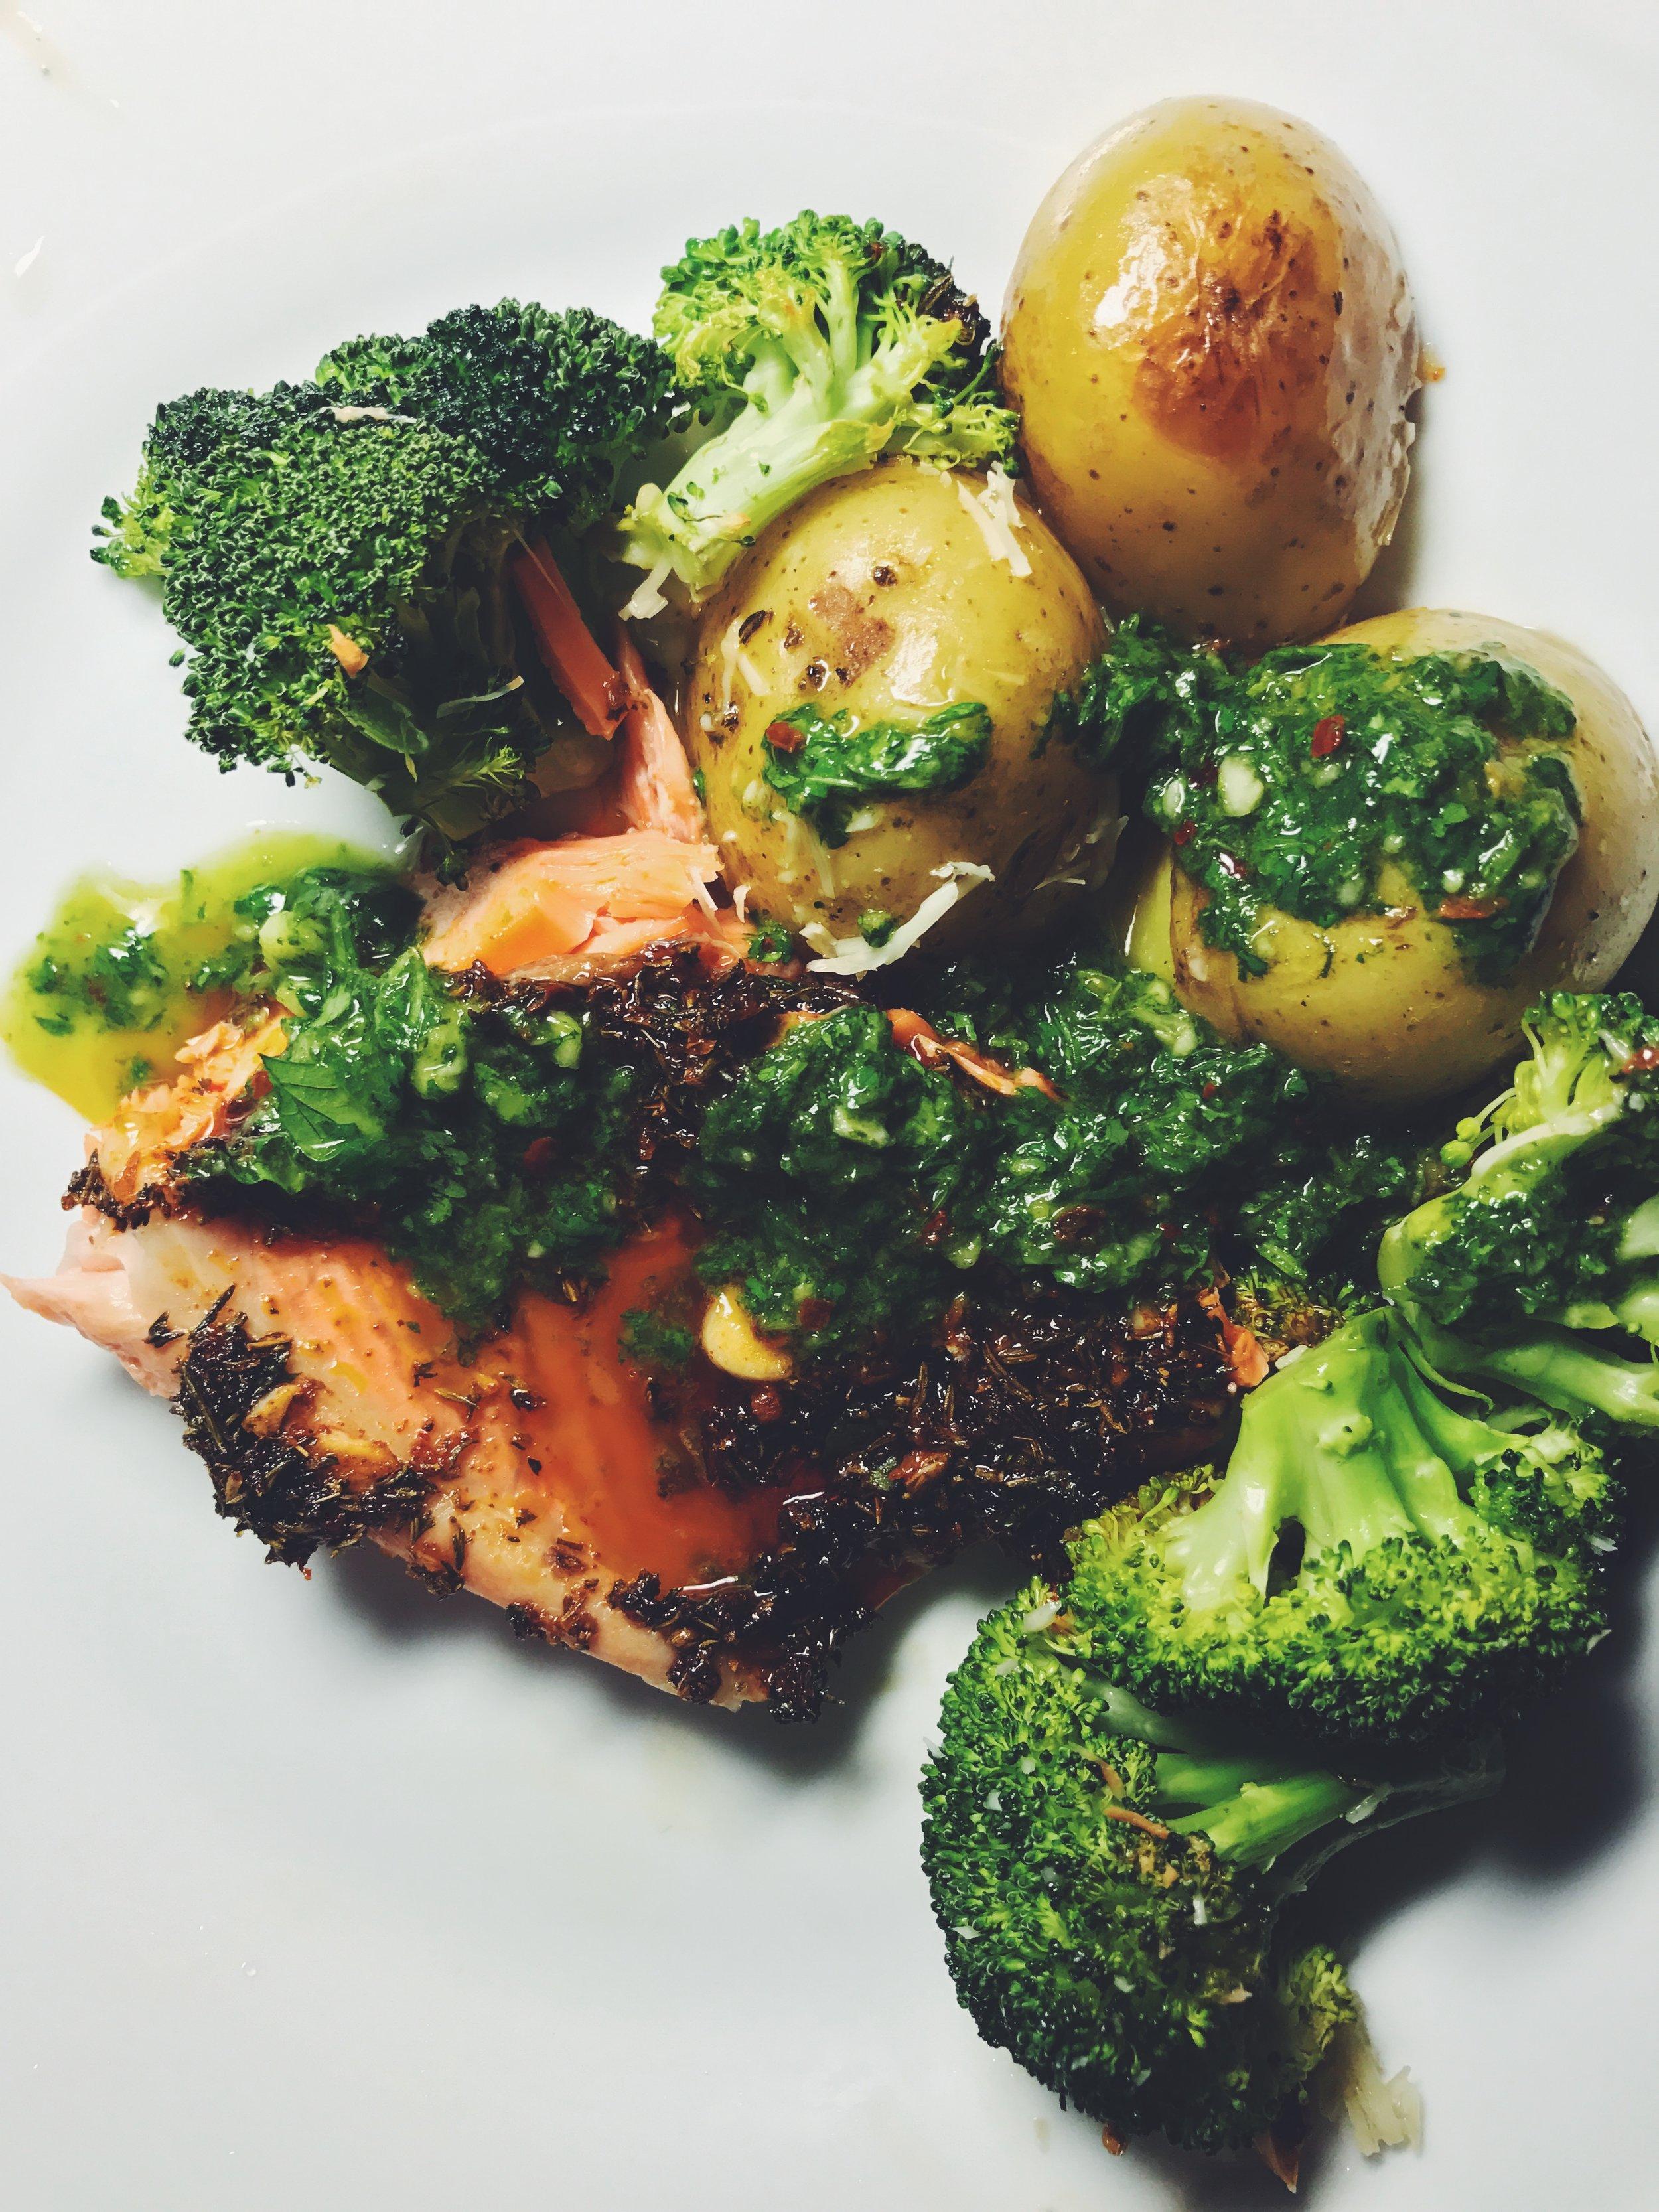 salmon with broccoli and potatoes